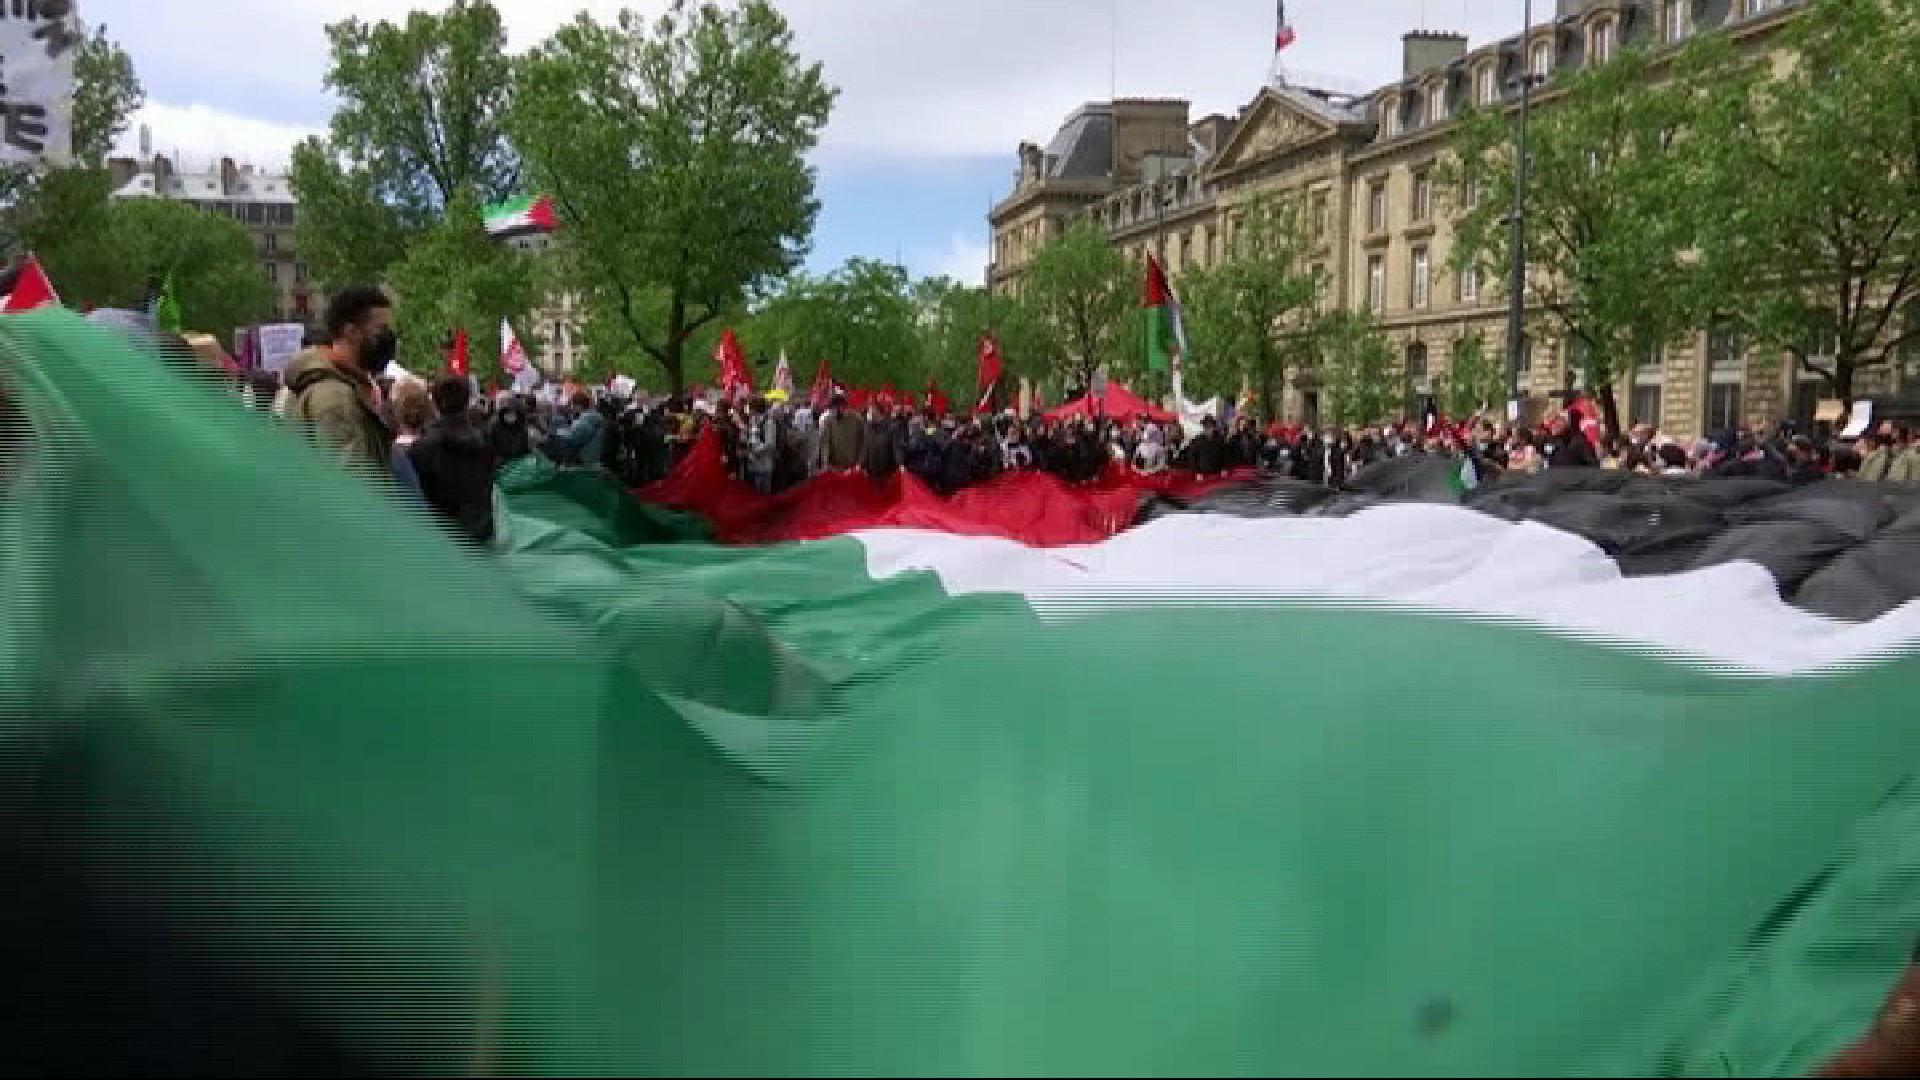 Milers+de+persones+es+manifesten+a+capitals+europees+per+donar+suport+el+poble+palest%C3%AD